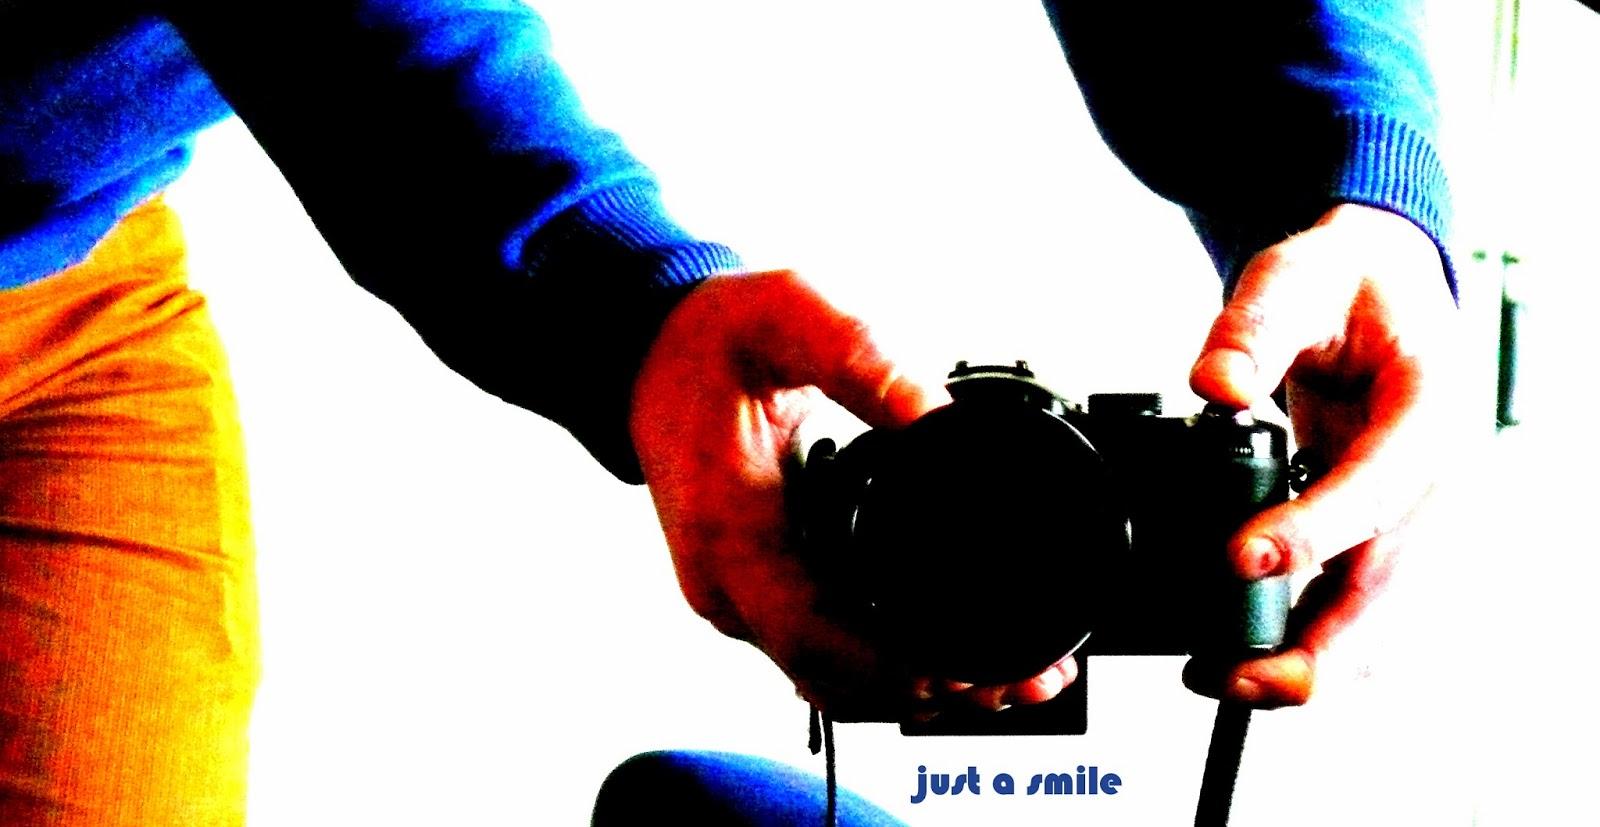 http://ecfotograaf.blogspot.nl/2015/02/gluren-bij-de-buren-11e-april-s-middags.html